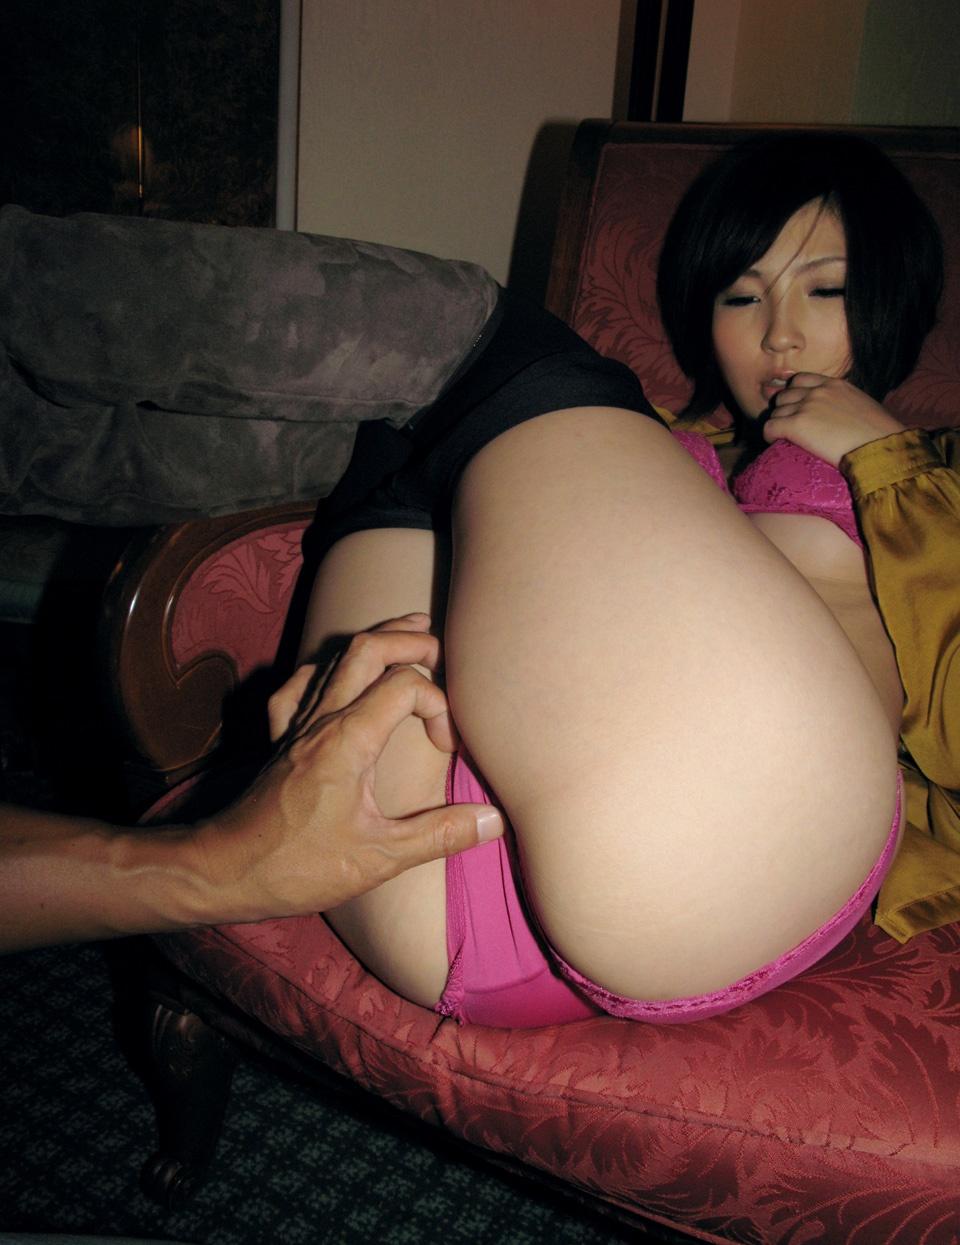 三次元 3次元 エロ画像 ピンク ランジェリー 下着 桜色 桃色 べっぴん娘通信 27